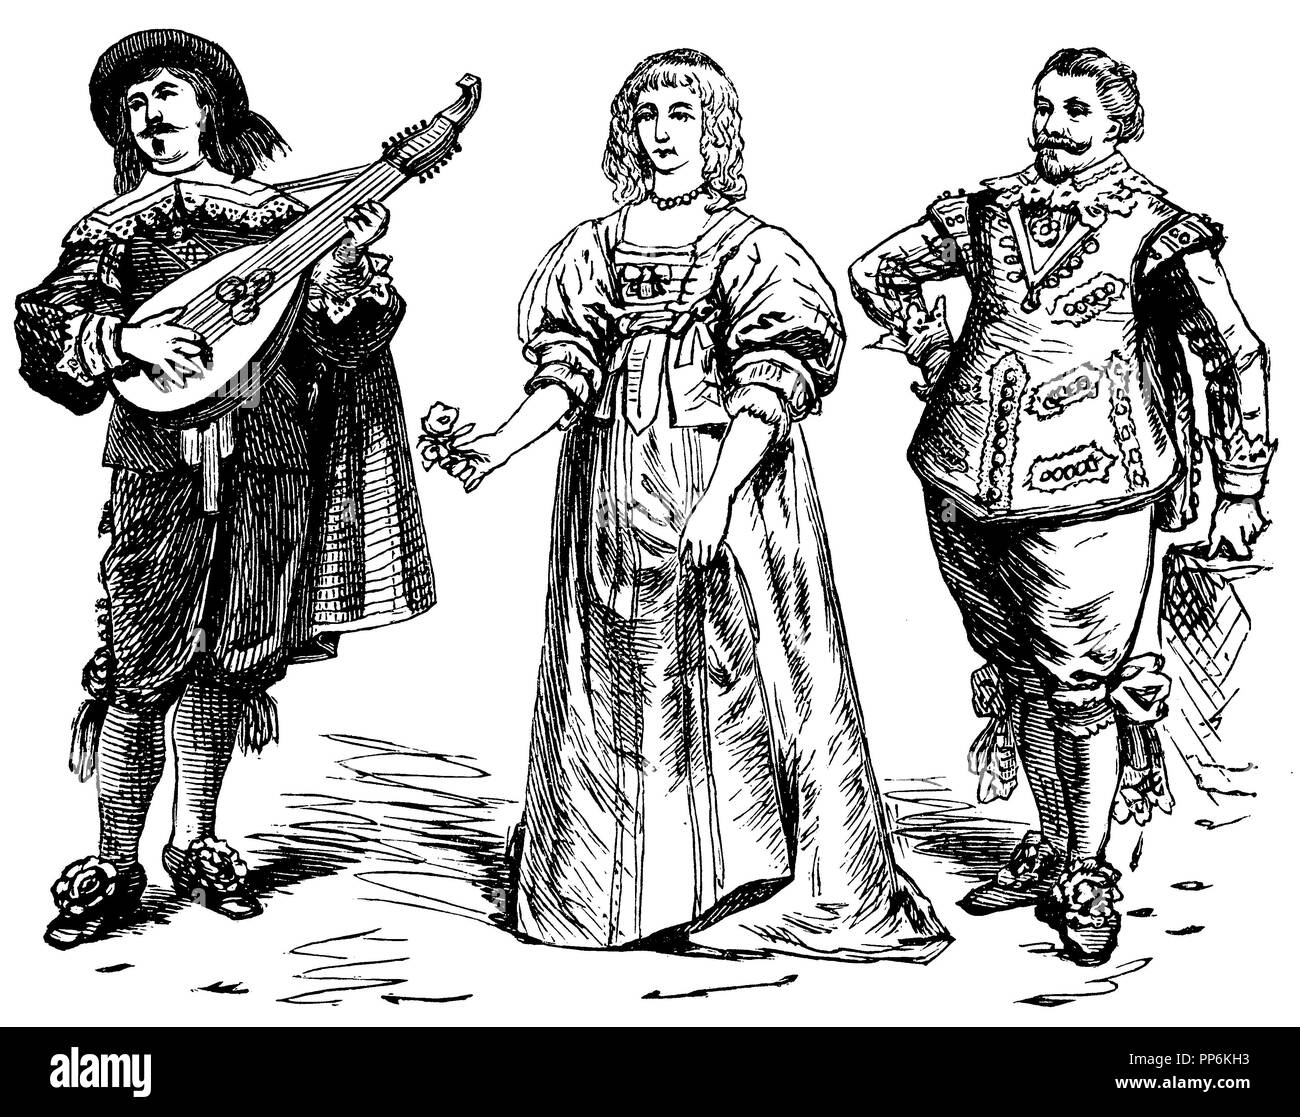 Alter des Dreißigjährigen Krieges (1600-1650), links: Lautenspieler (1635), Mitte: Gräfin Devon, rechts: Moritz von Orange (1620), anonym 1896 Stockbild